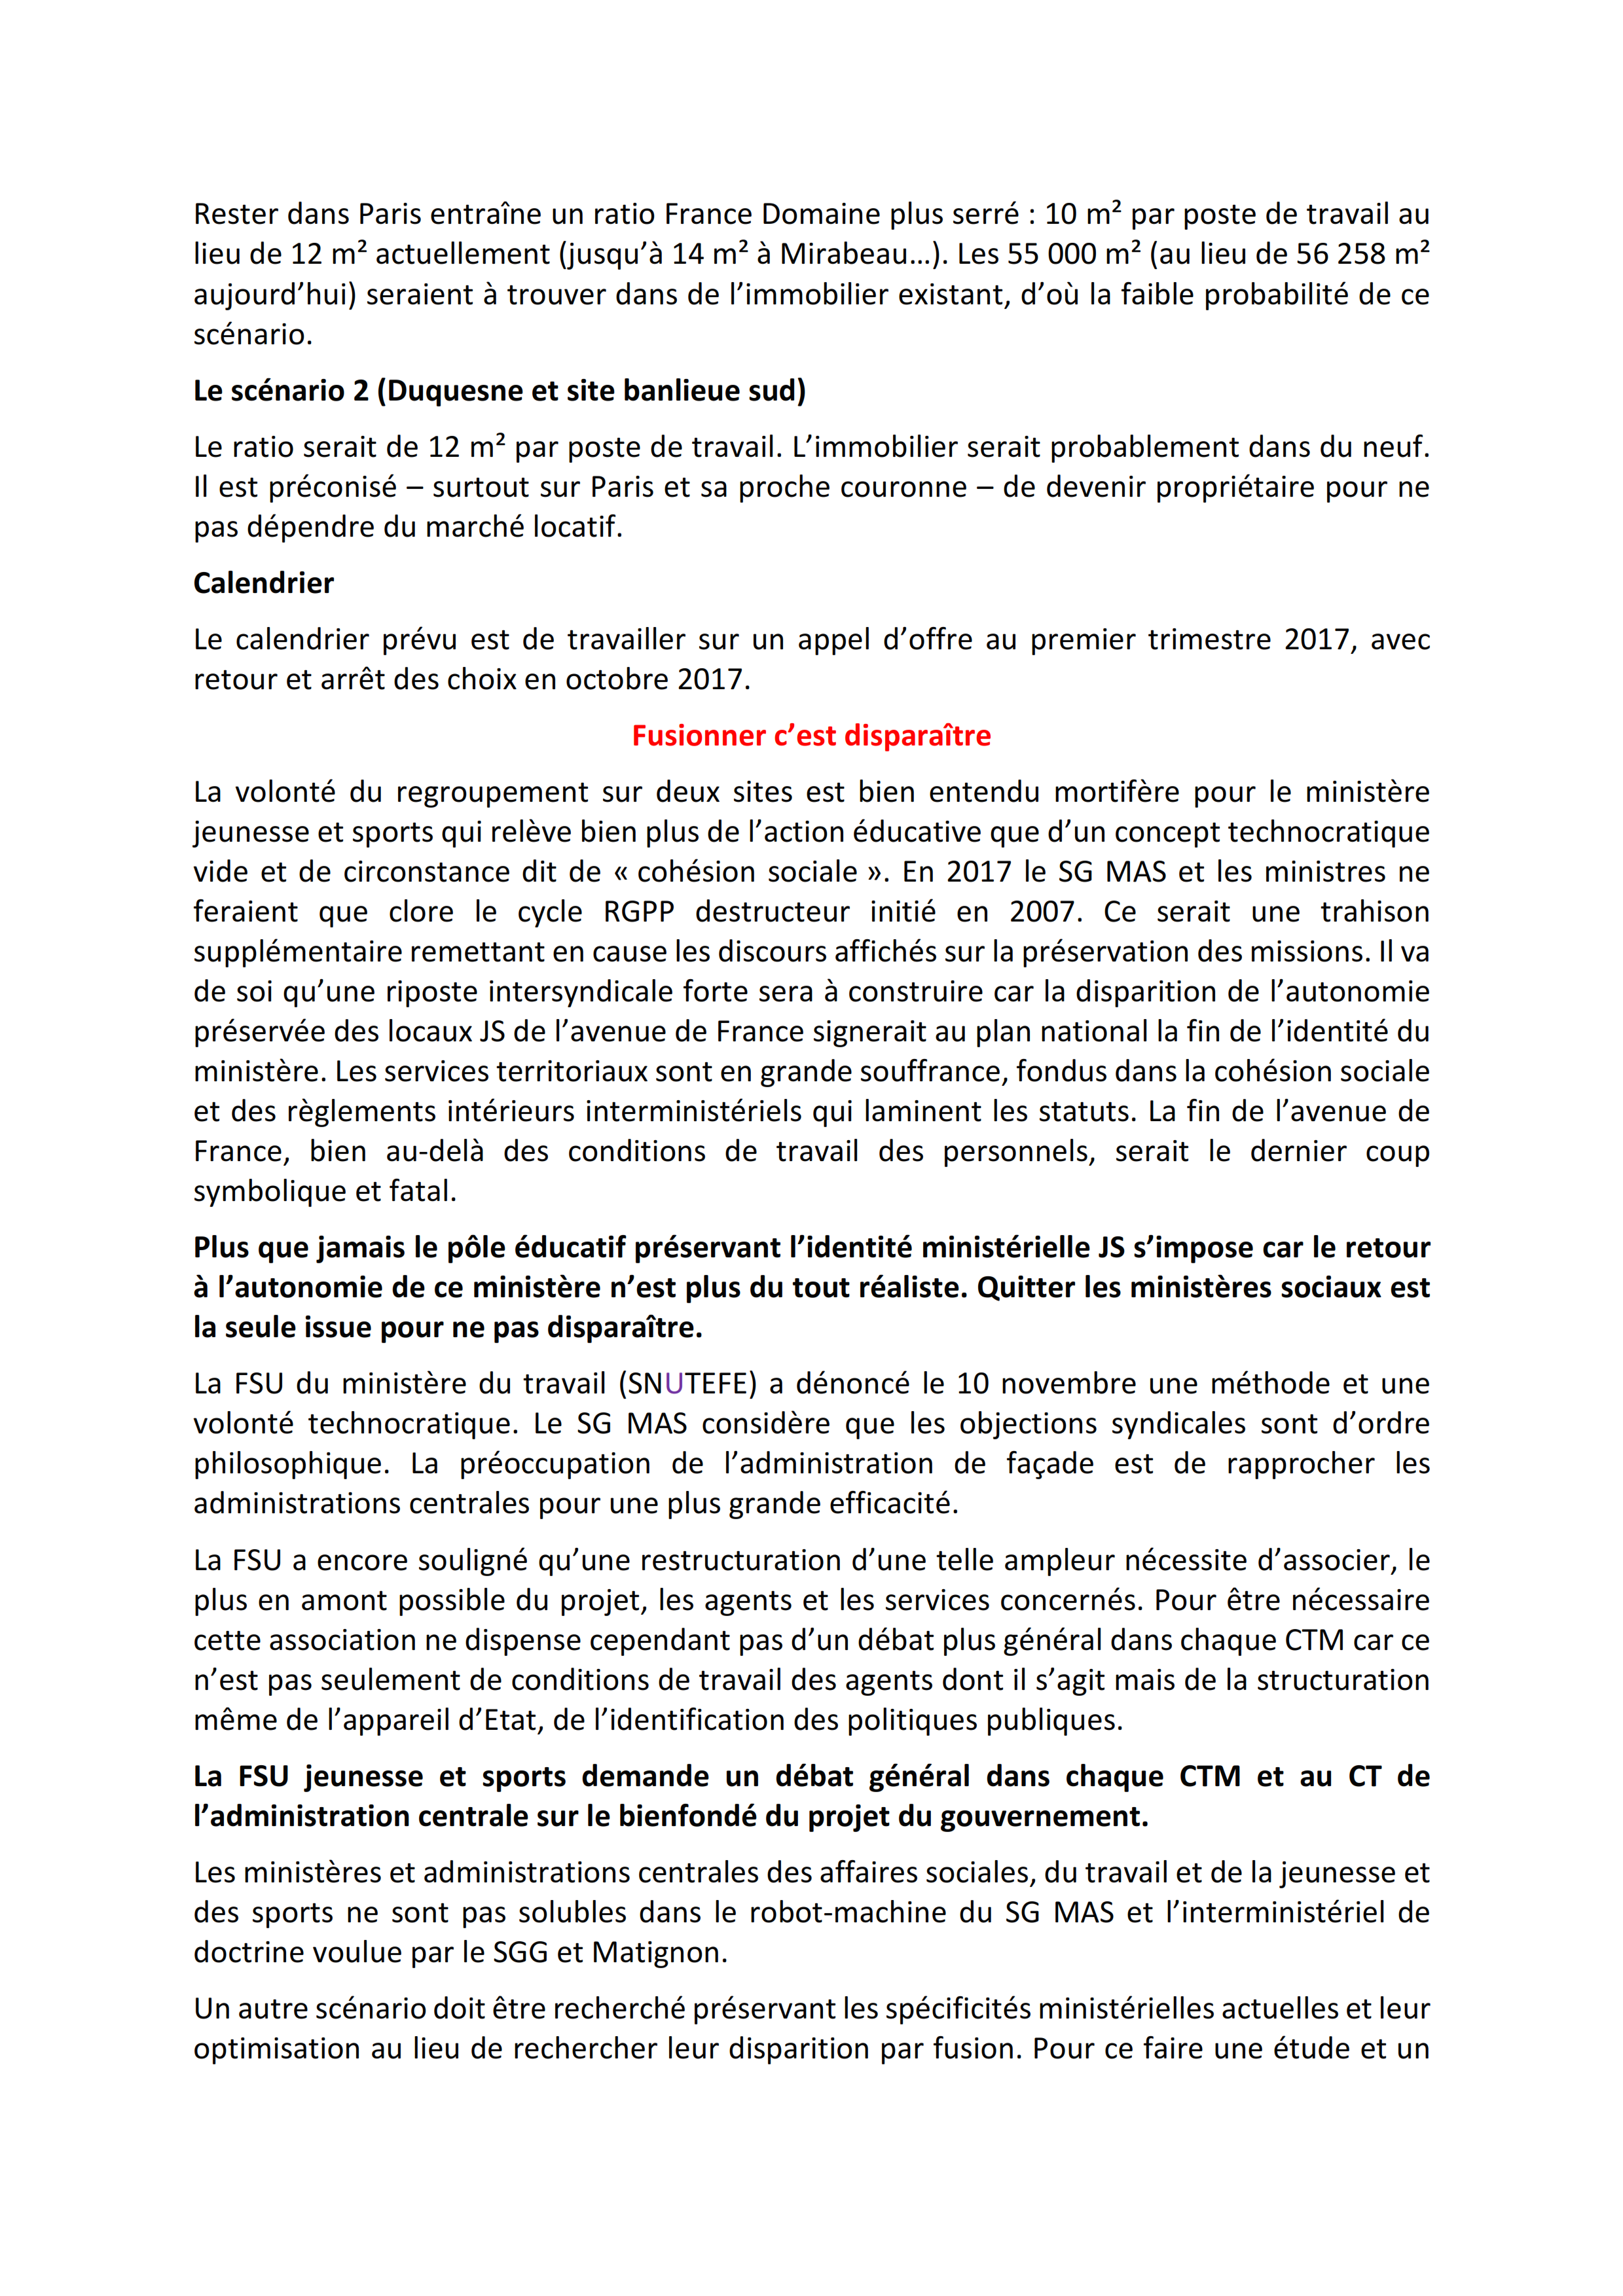 communication-fsu-disparition-fusion-sites-centraux-cohesion-sociale_002